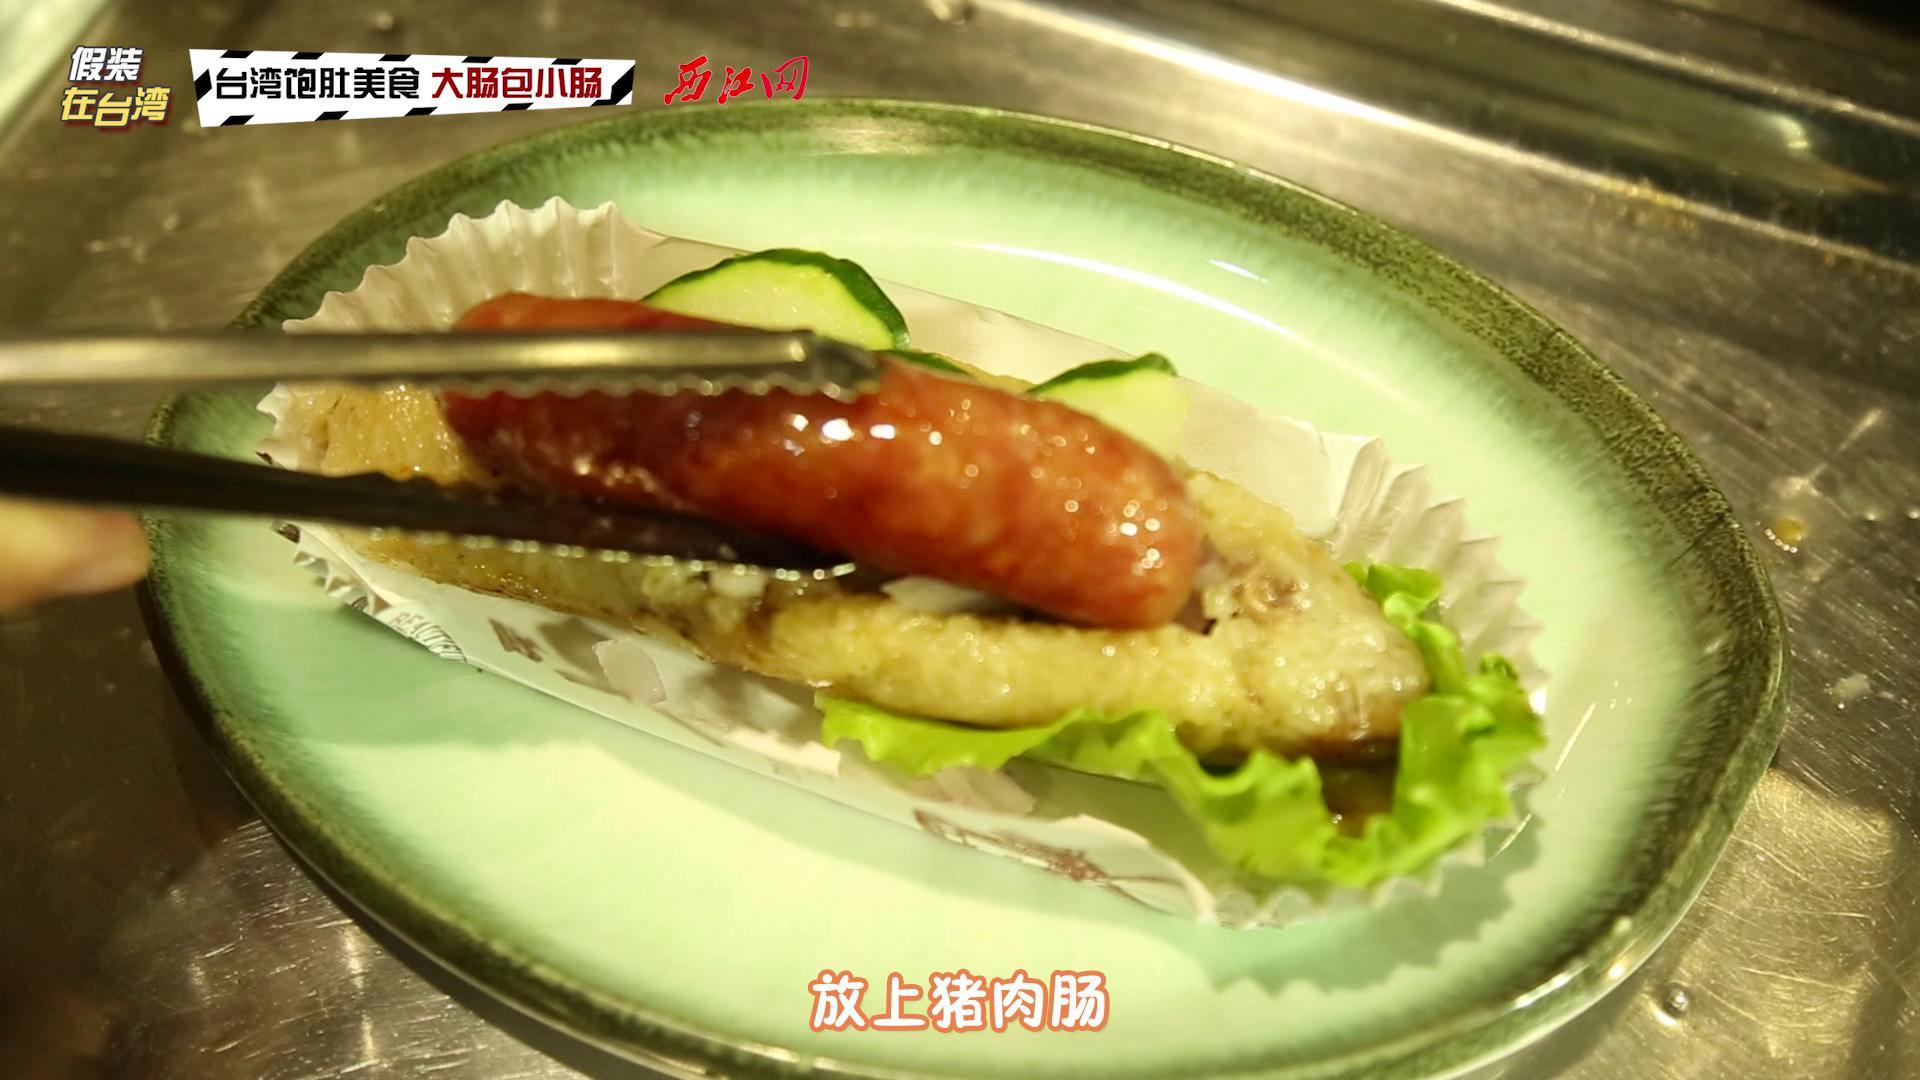 《假装在台湾》第六期 大肠包小肠